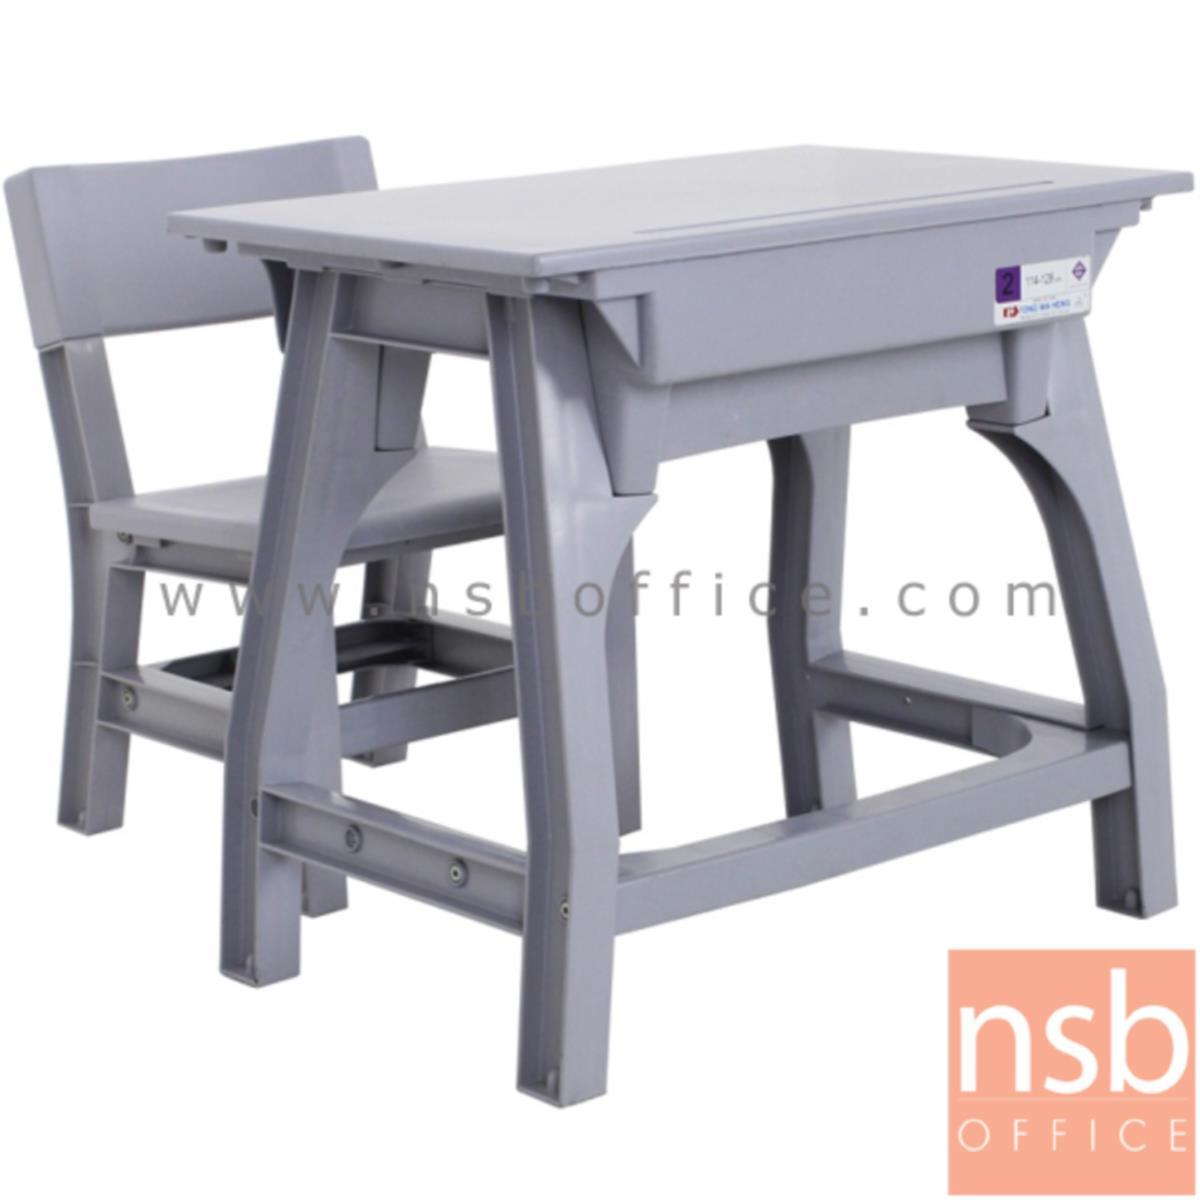 A17A036:ชุดโต๊ะและเก้าอี้นักเรียน รุ่น Absolute (แอ็ปโซลูต)  ระดับชั้นอนุบาล ขาพลาสติก